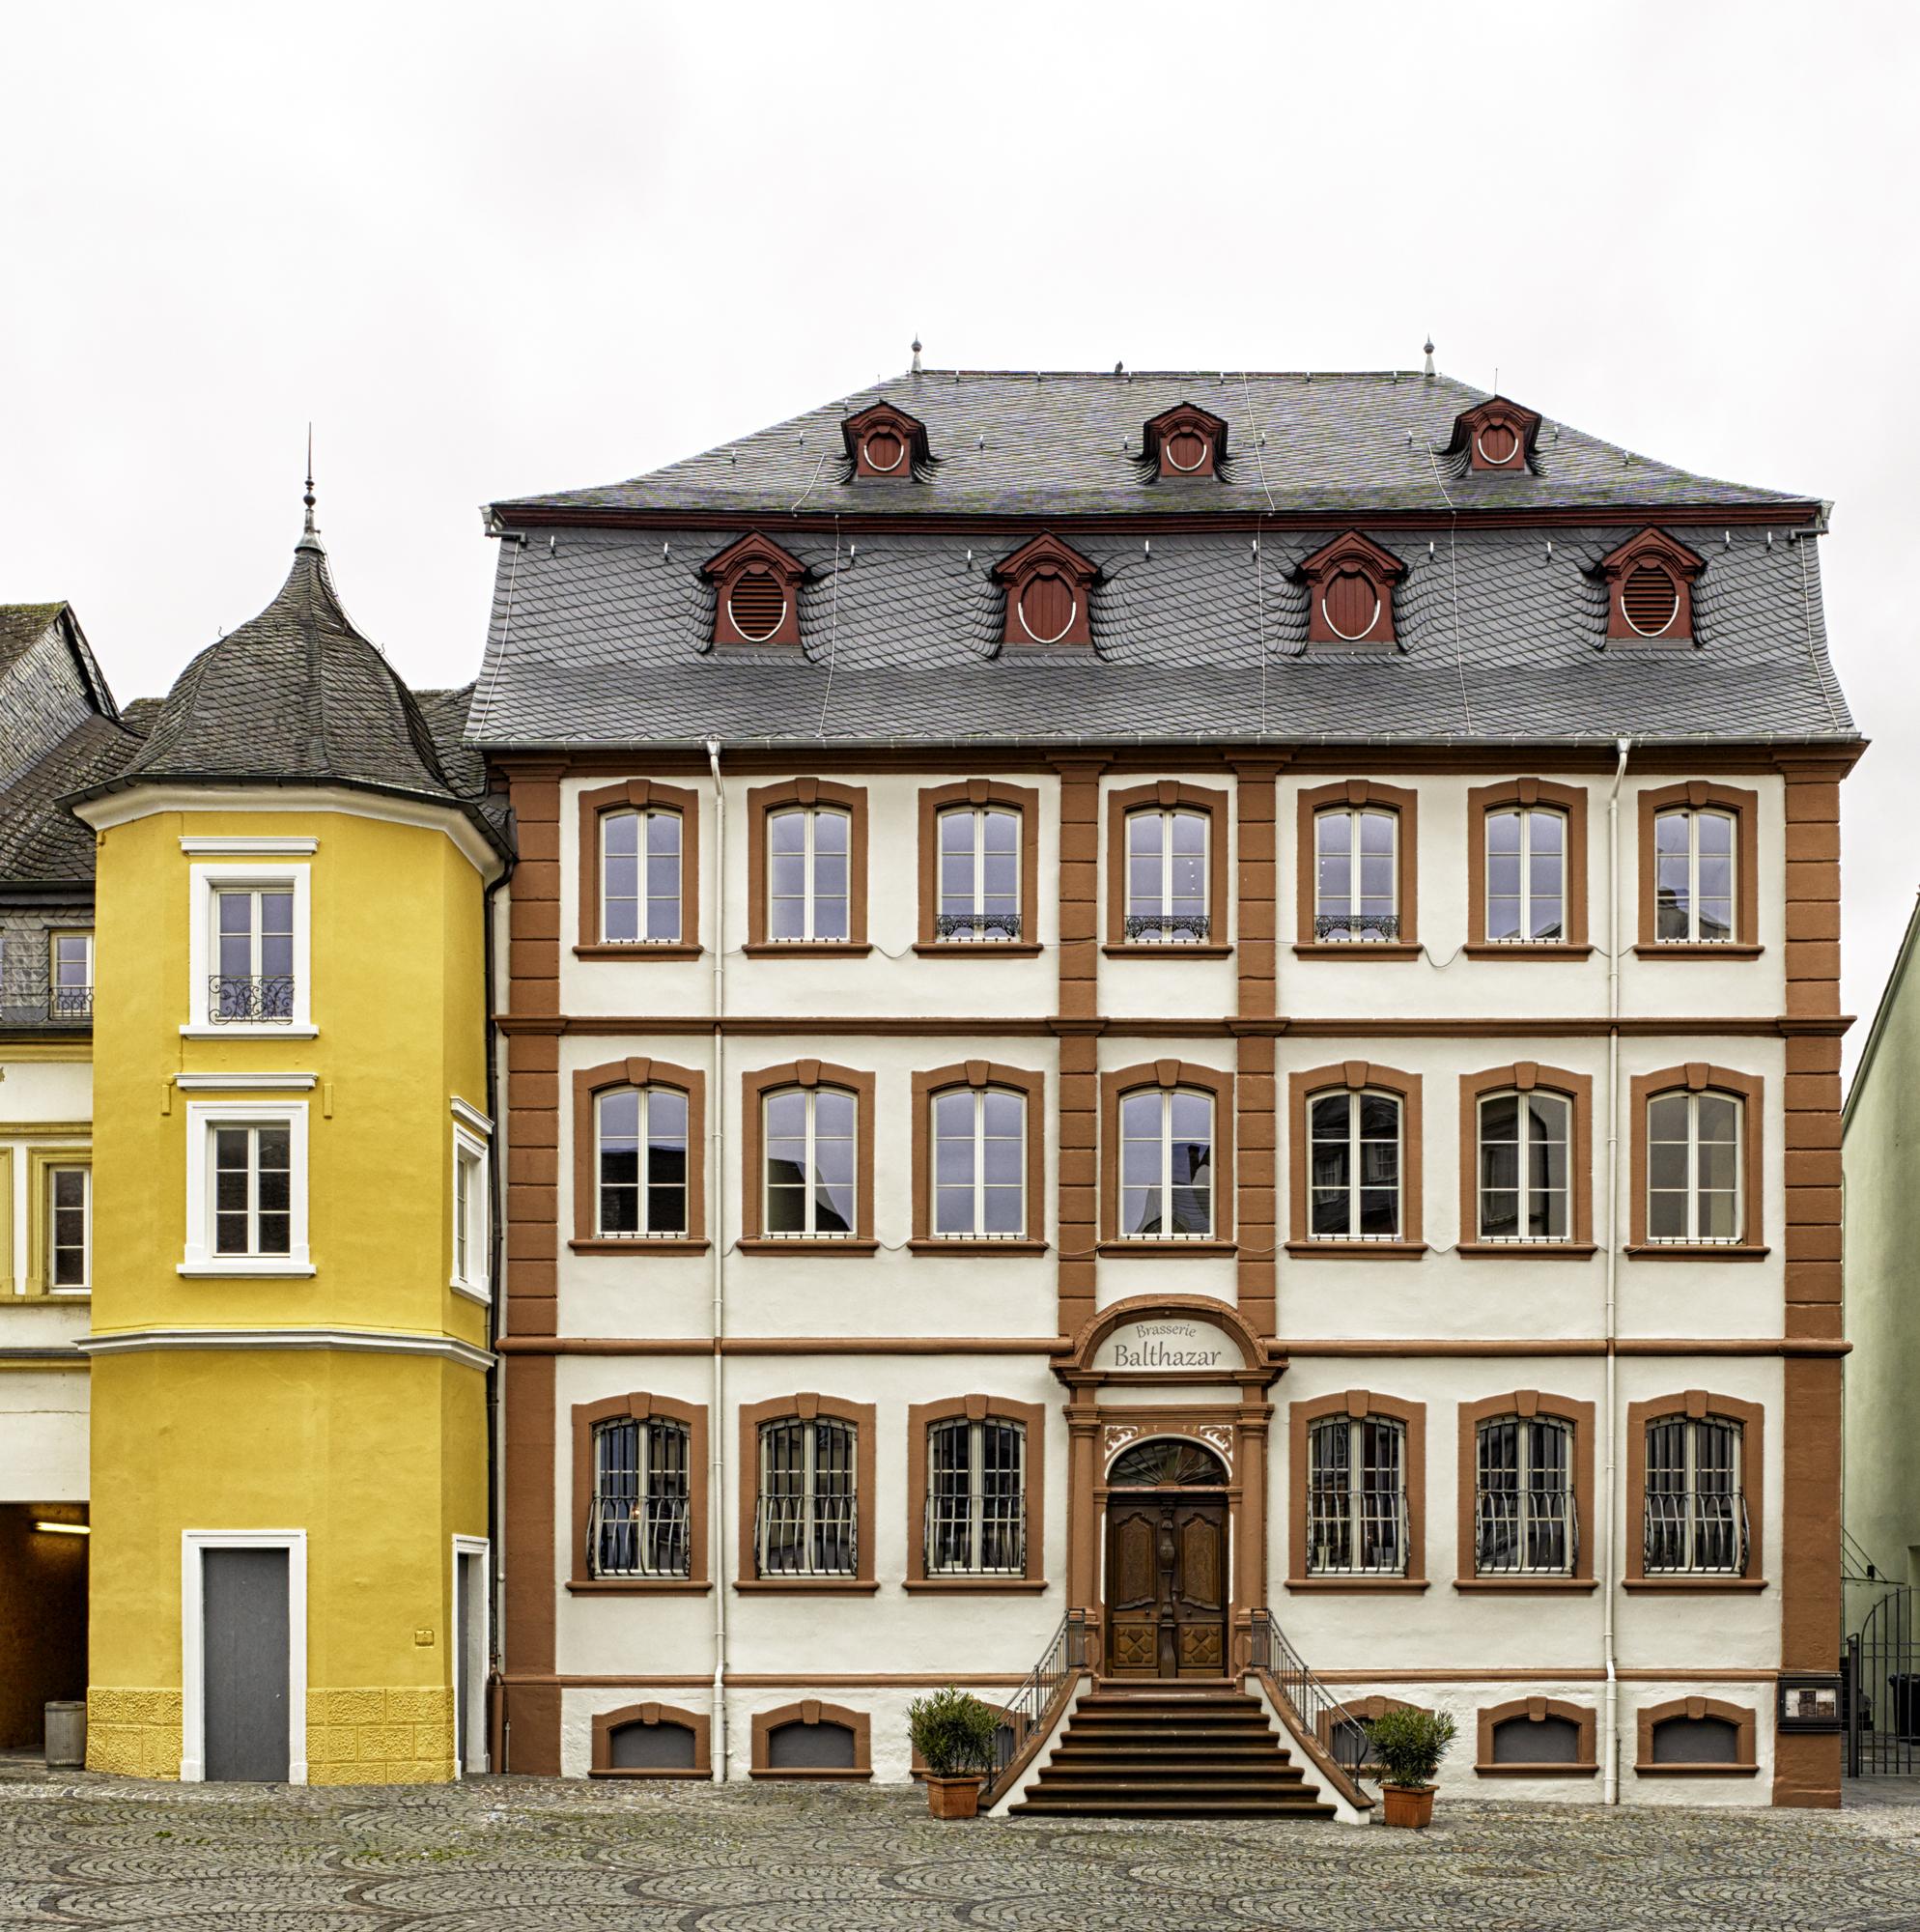 Thurn und Taxis Gebäude, Wittlich Revitalisierung Vorderansicht